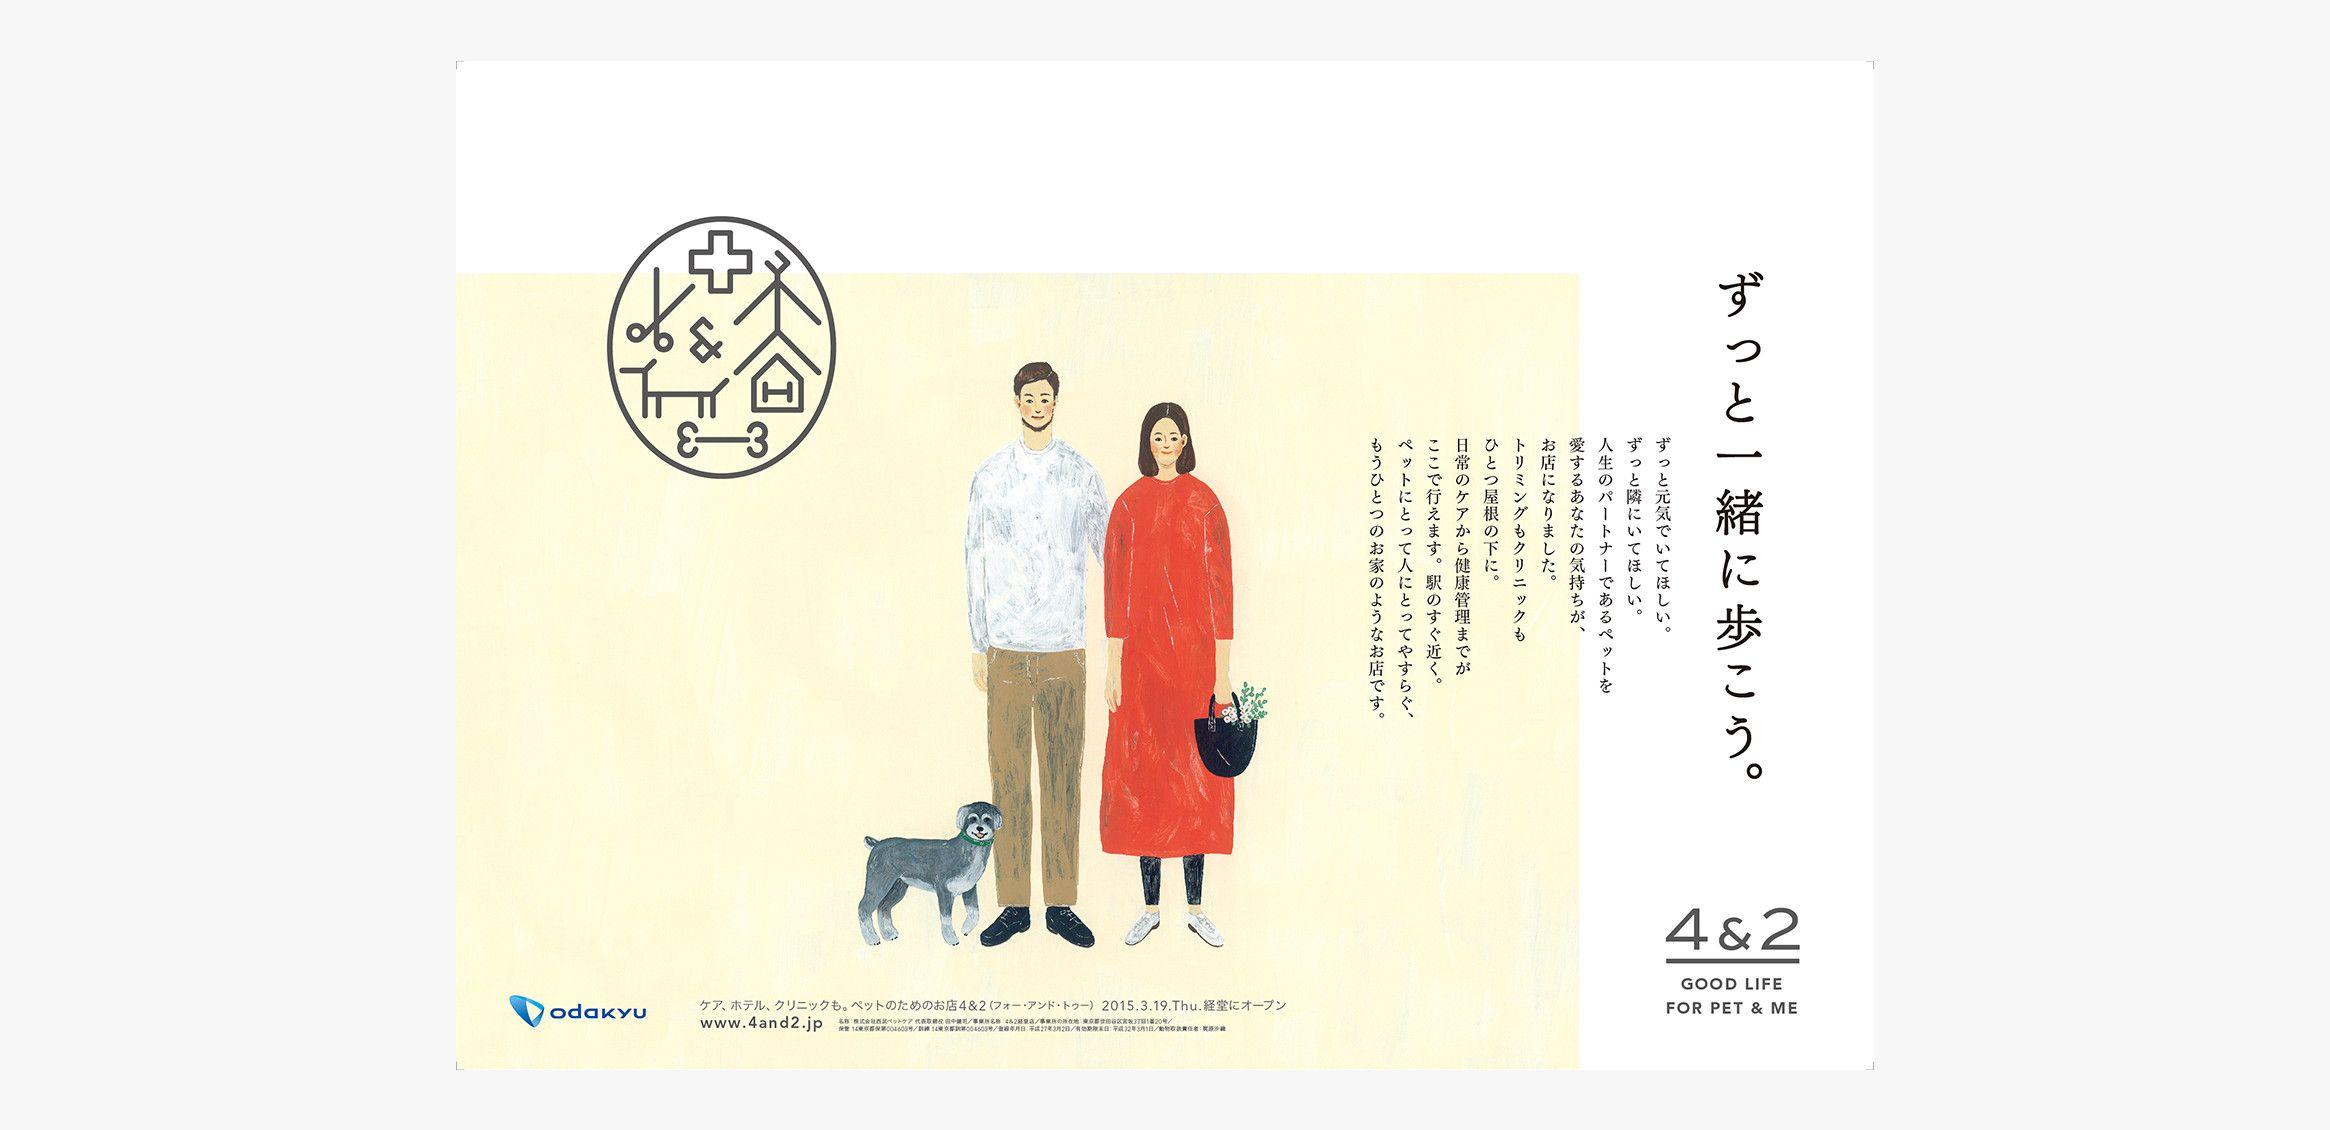 4 2 ポスター1枚目 日本デザインセンター デザイン ポスター